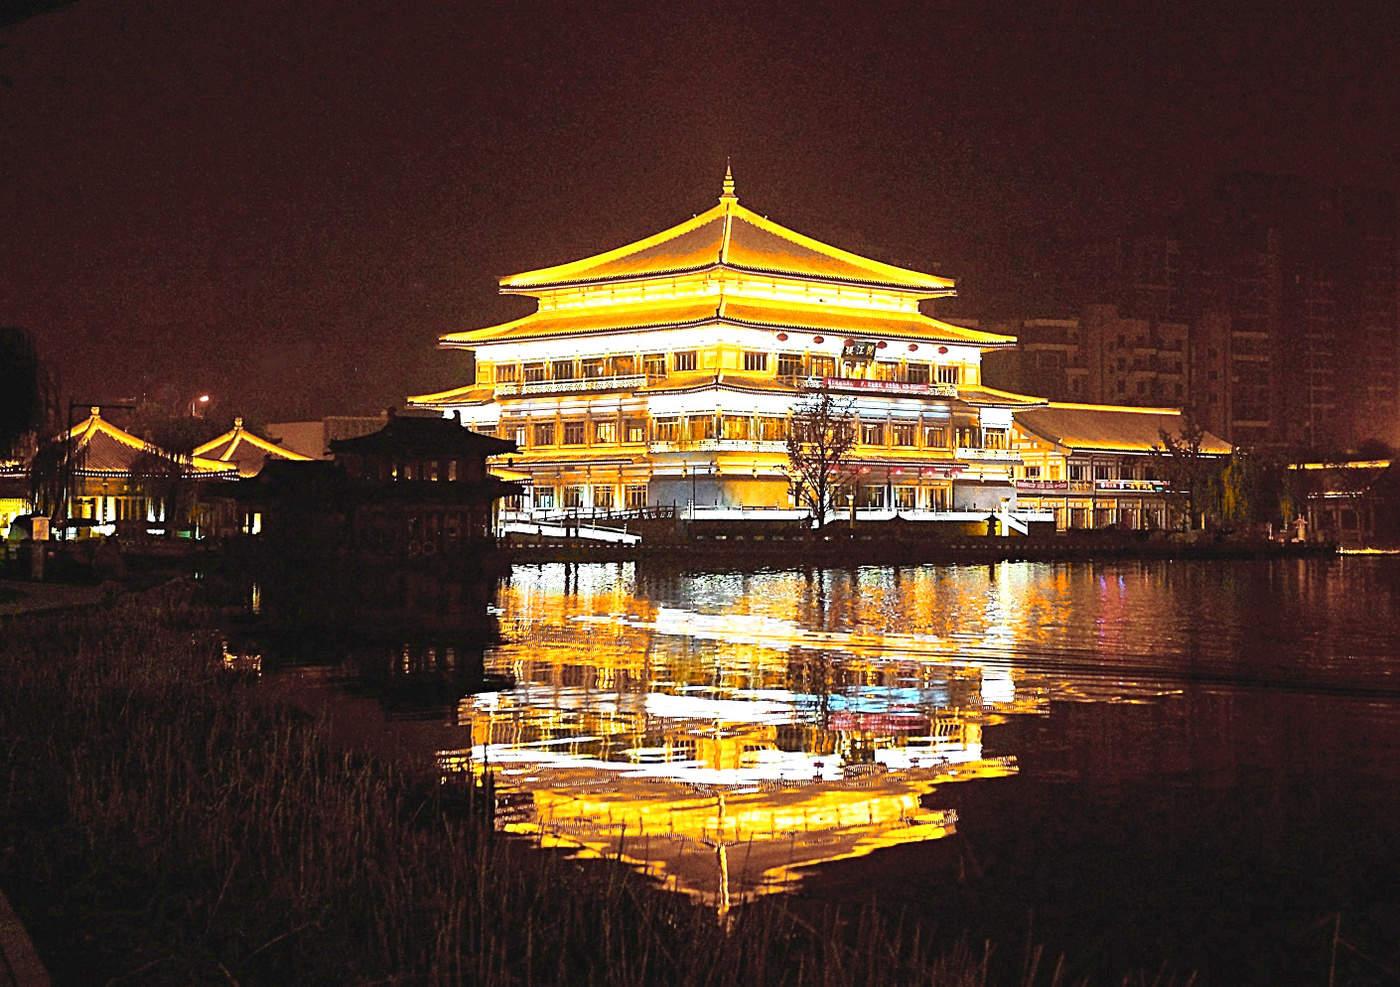 фестиваля картинки китайского города сети